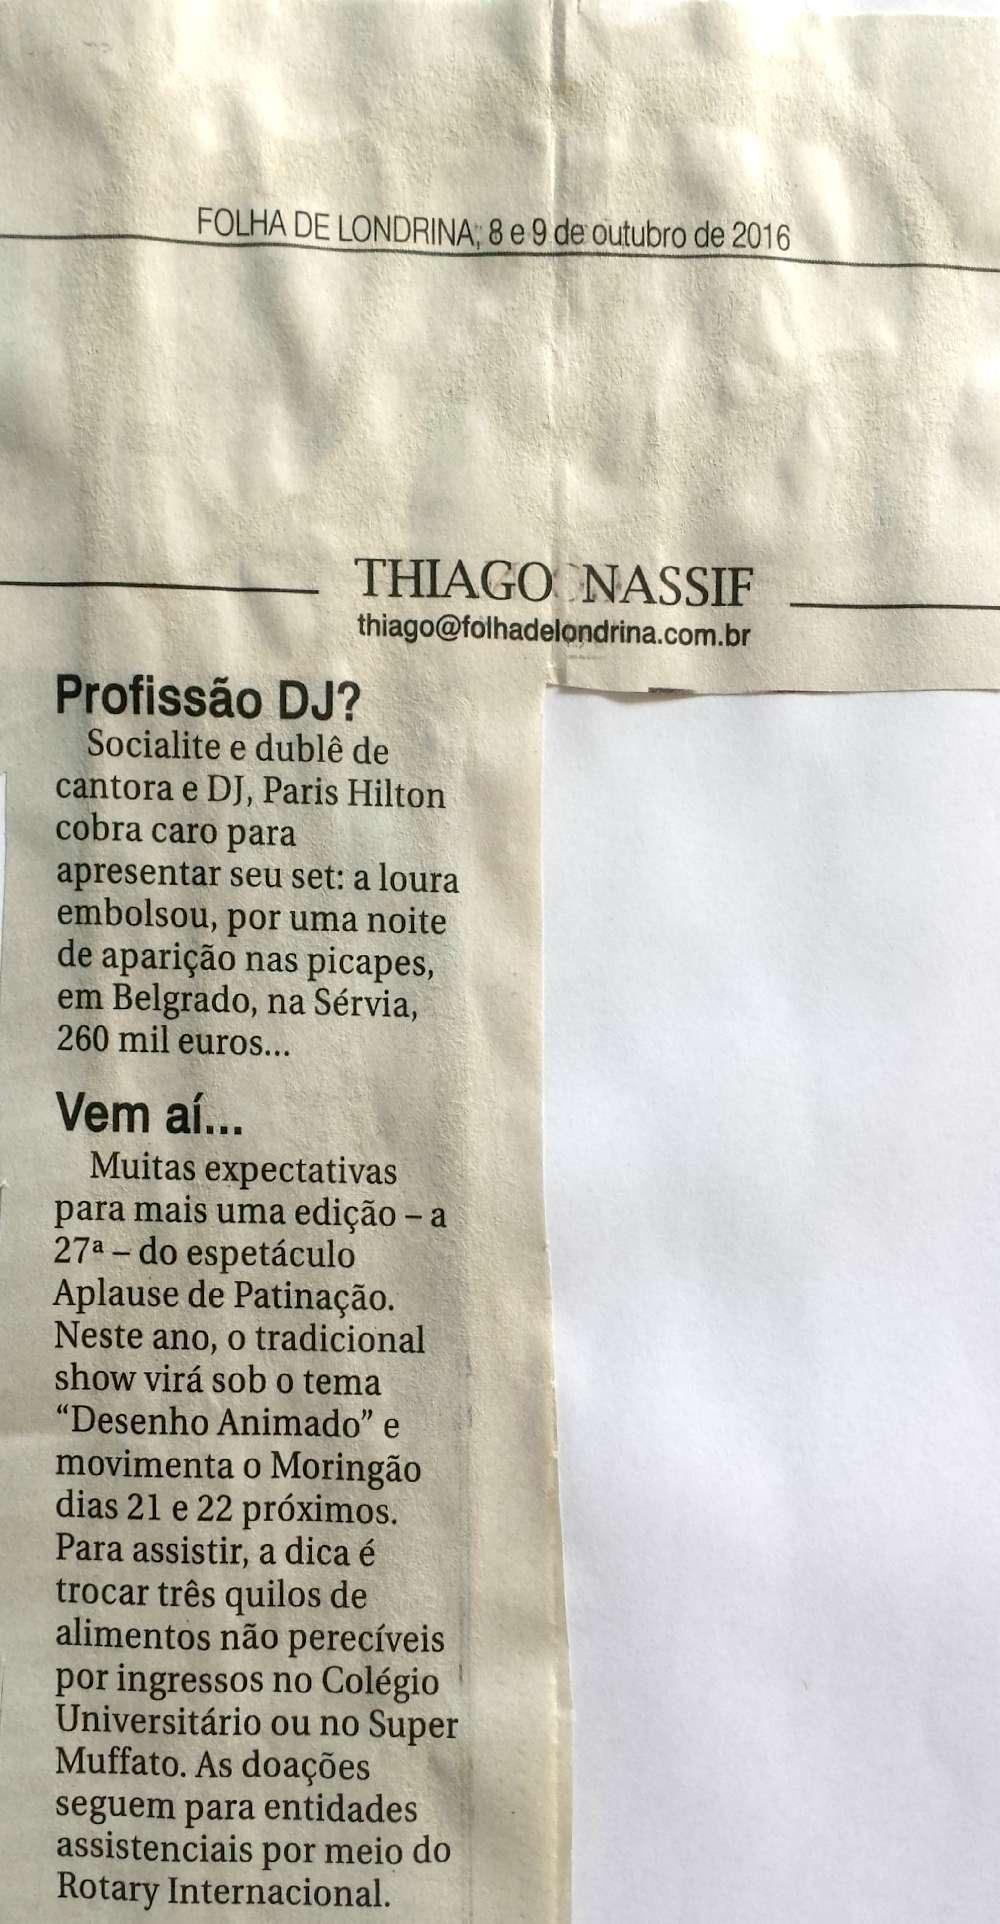 aplause 2016 folha de londrina thiago nassif  8 e 9